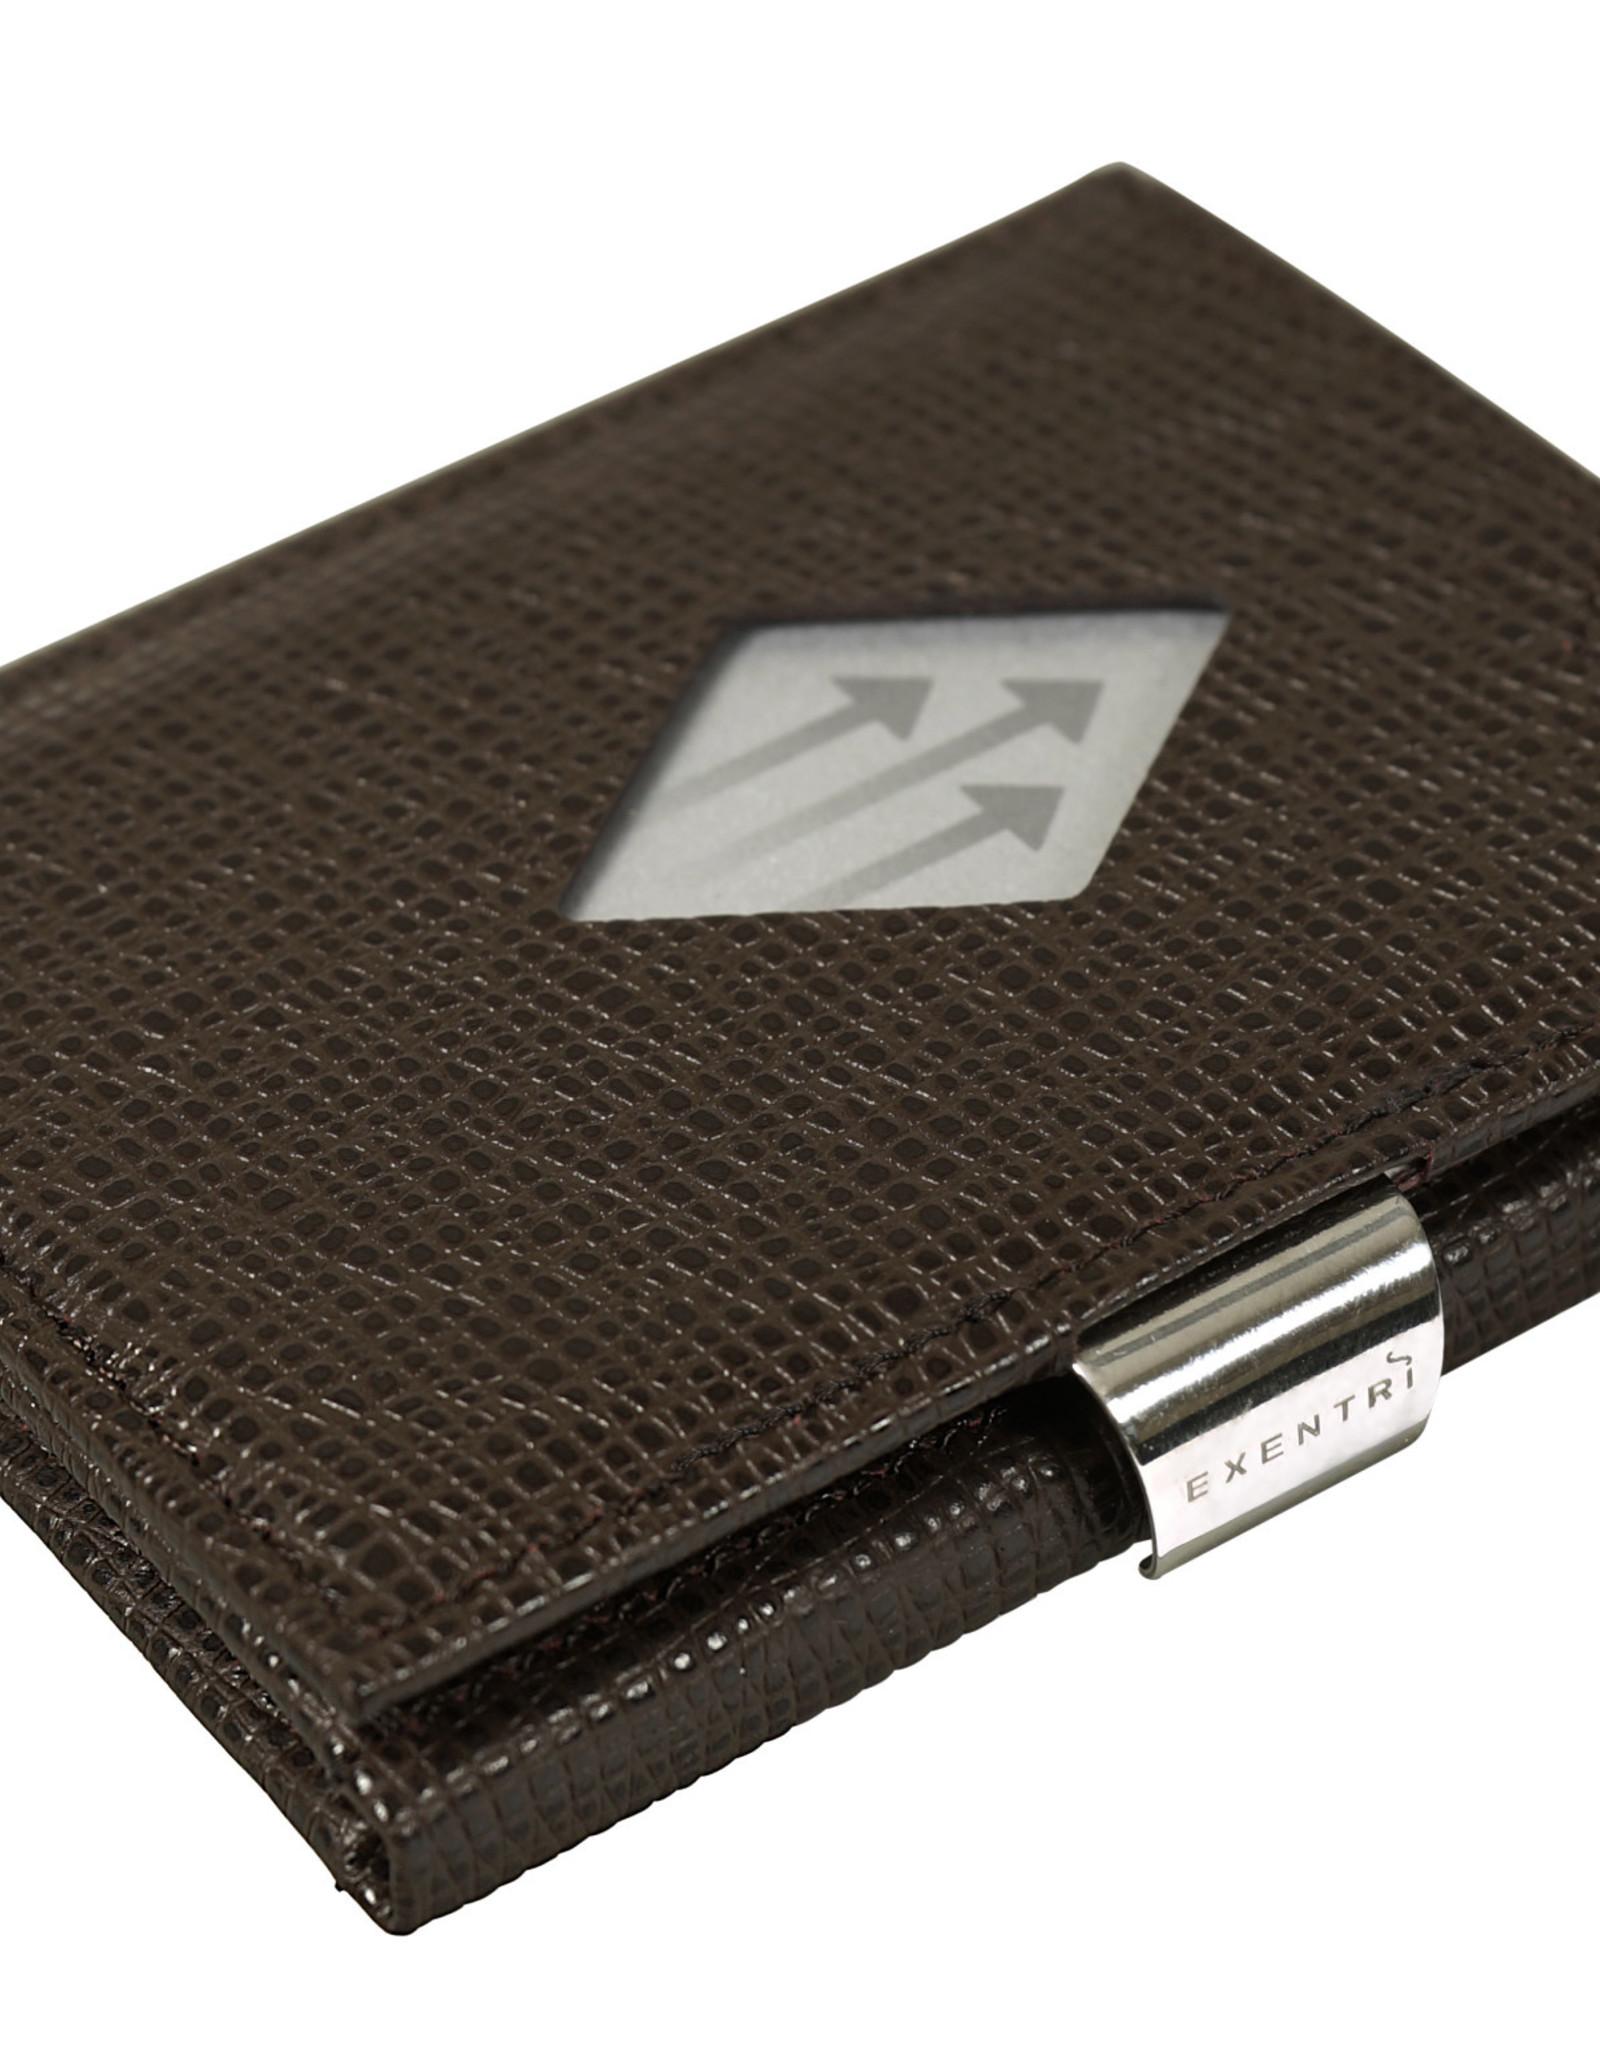 Exentri Wallet met RFID-bescherming mozaiek bruin